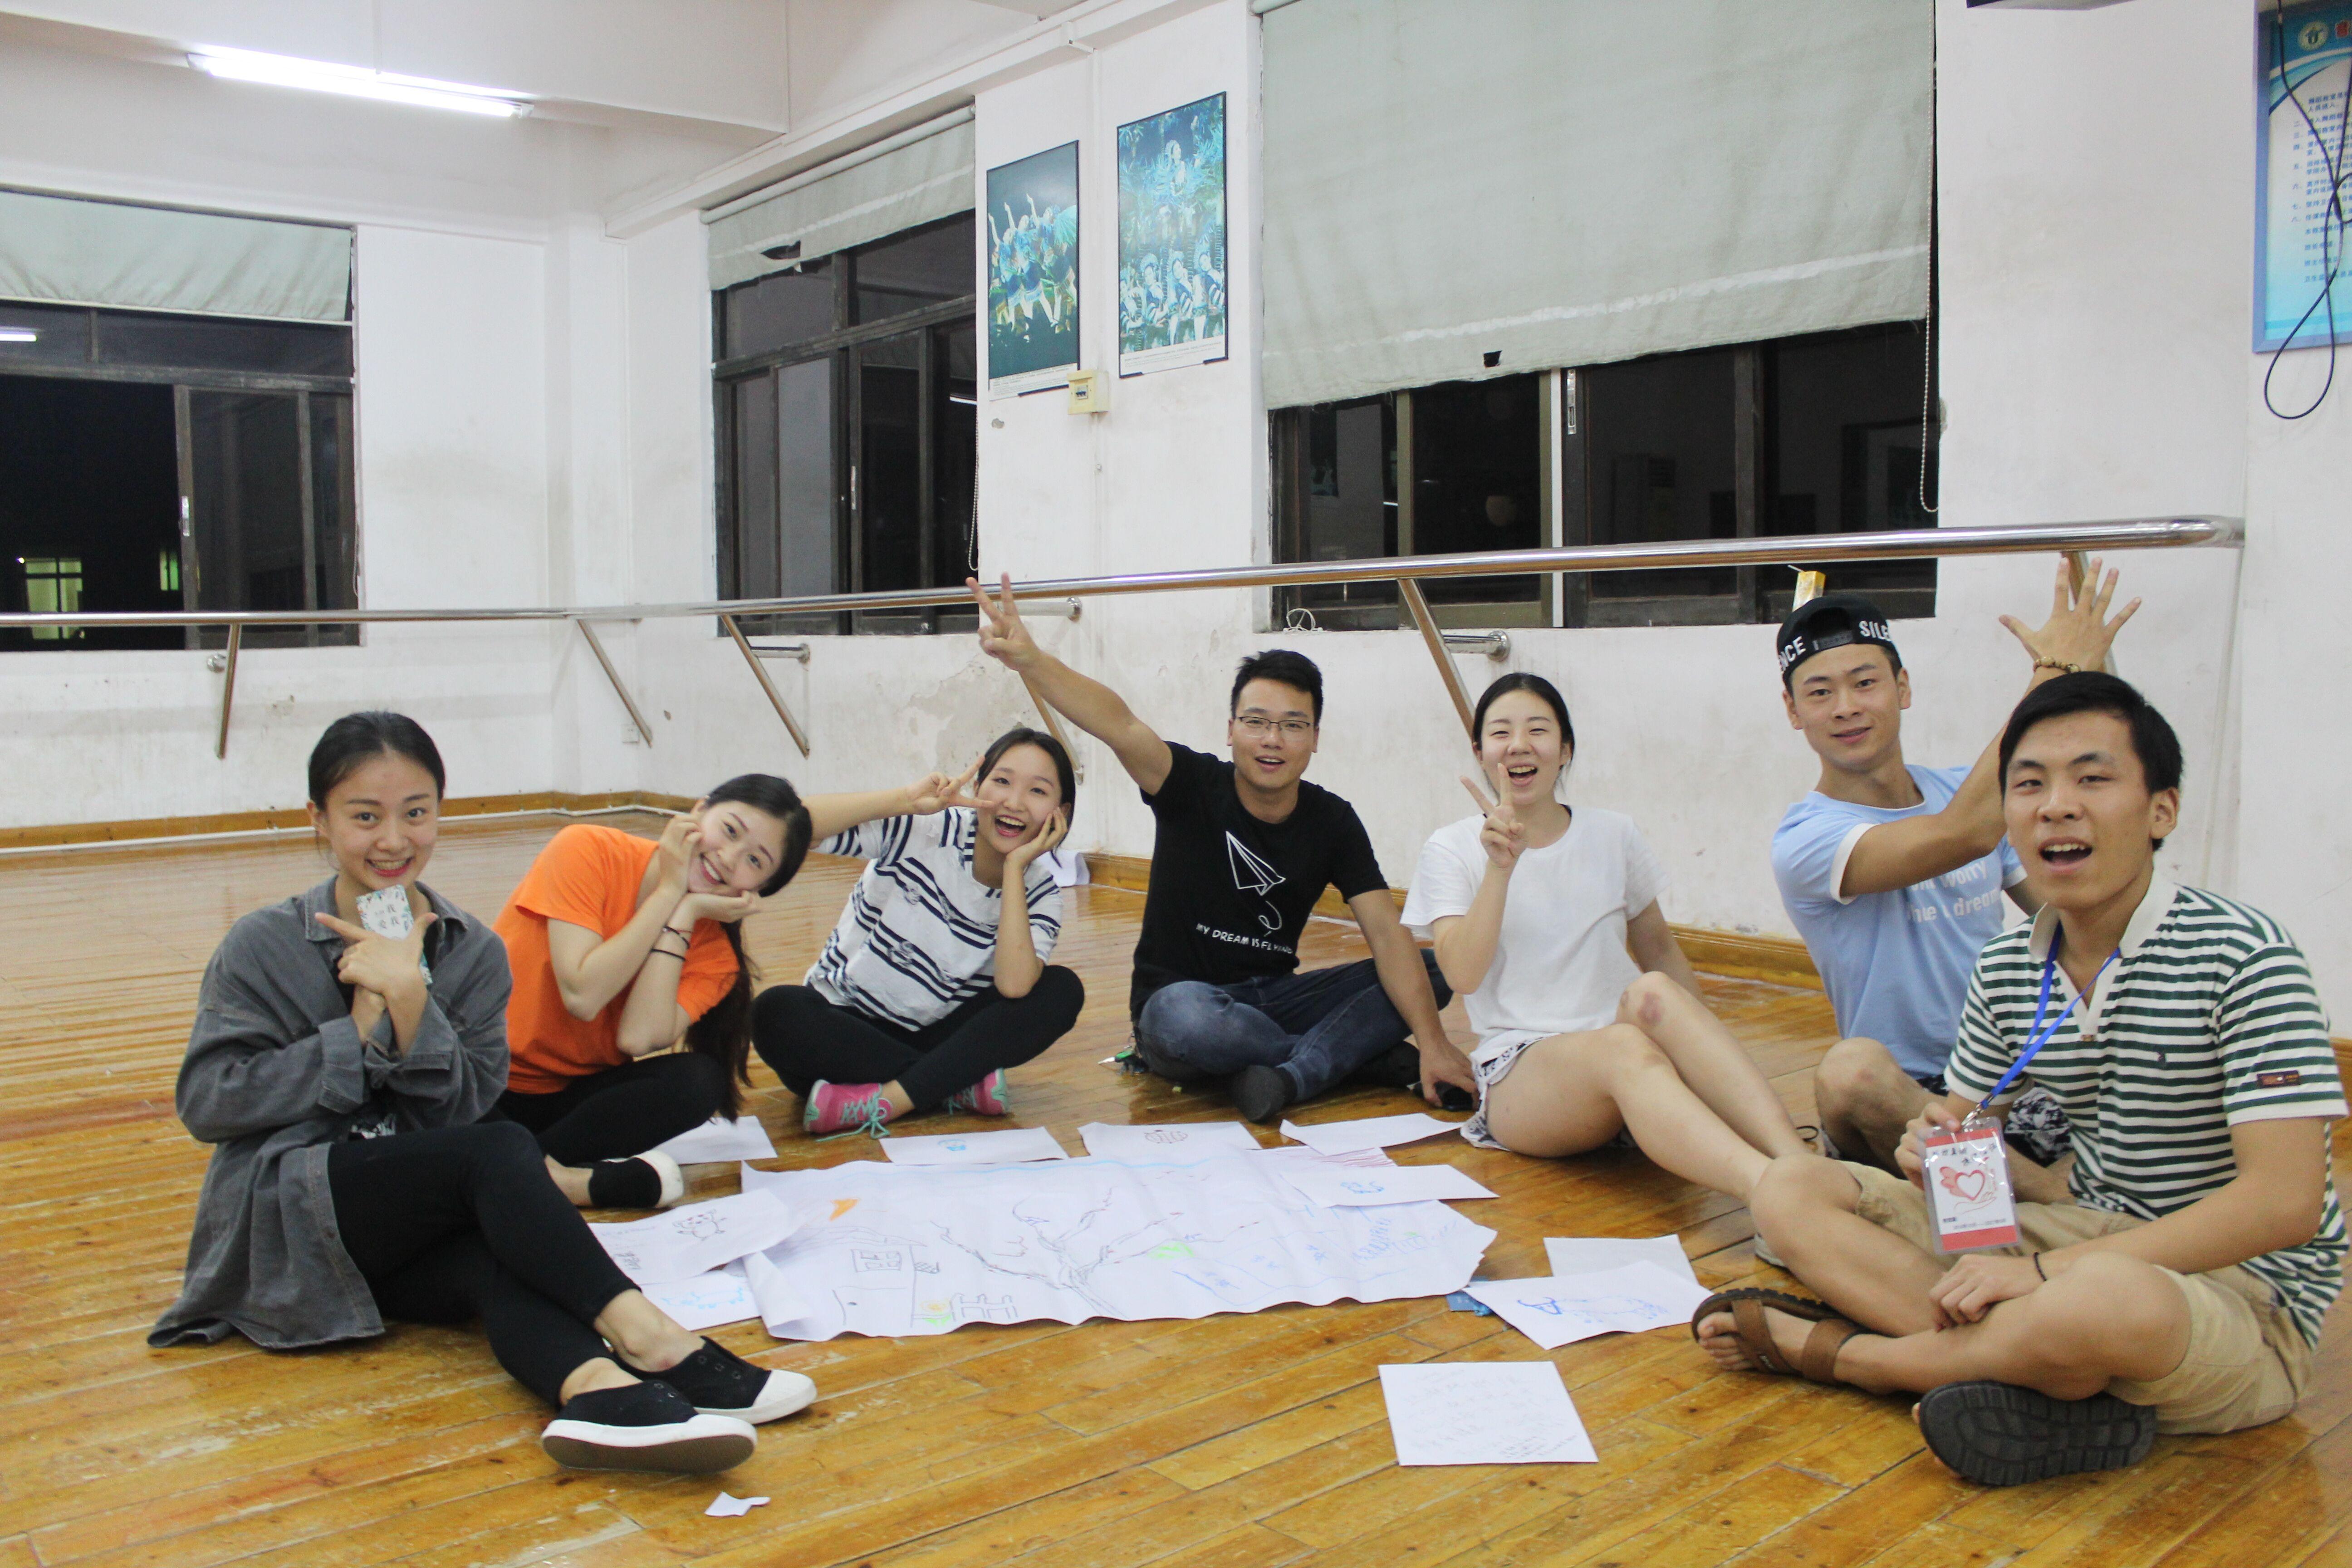 永利集团官方网站入口5·25团体心理辅导活动圆满成功